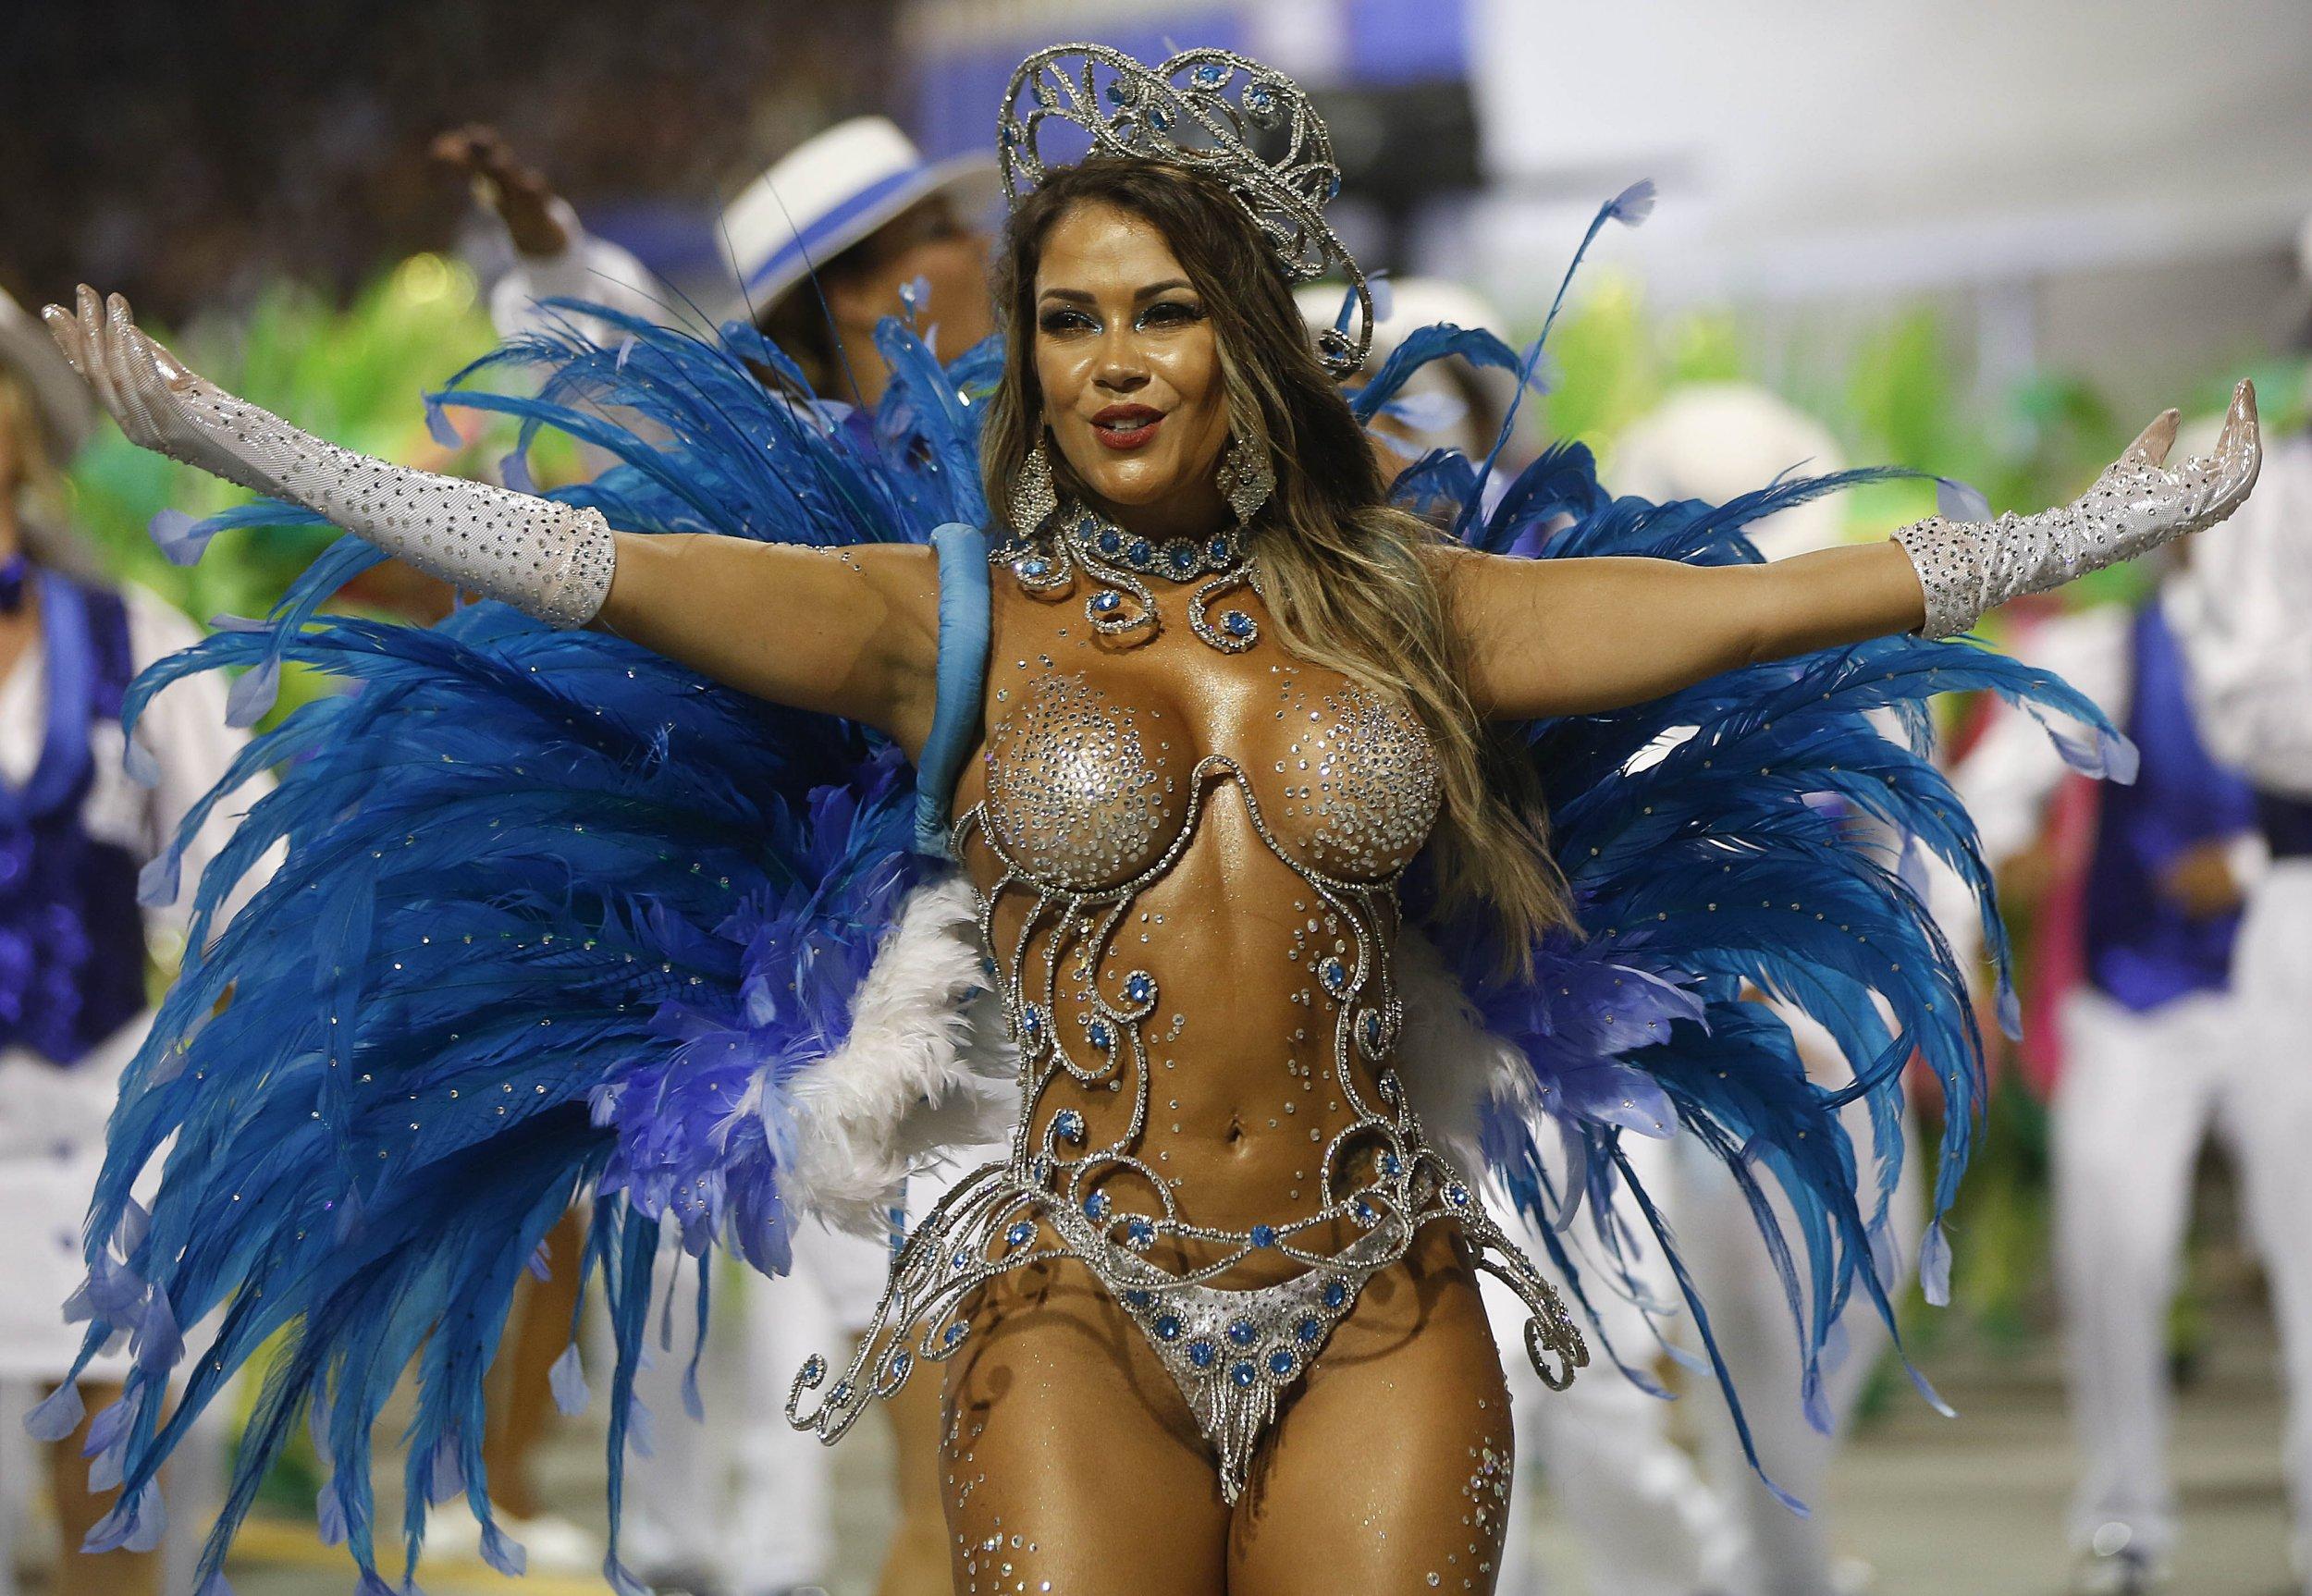 Joyce jimenez sexy nude